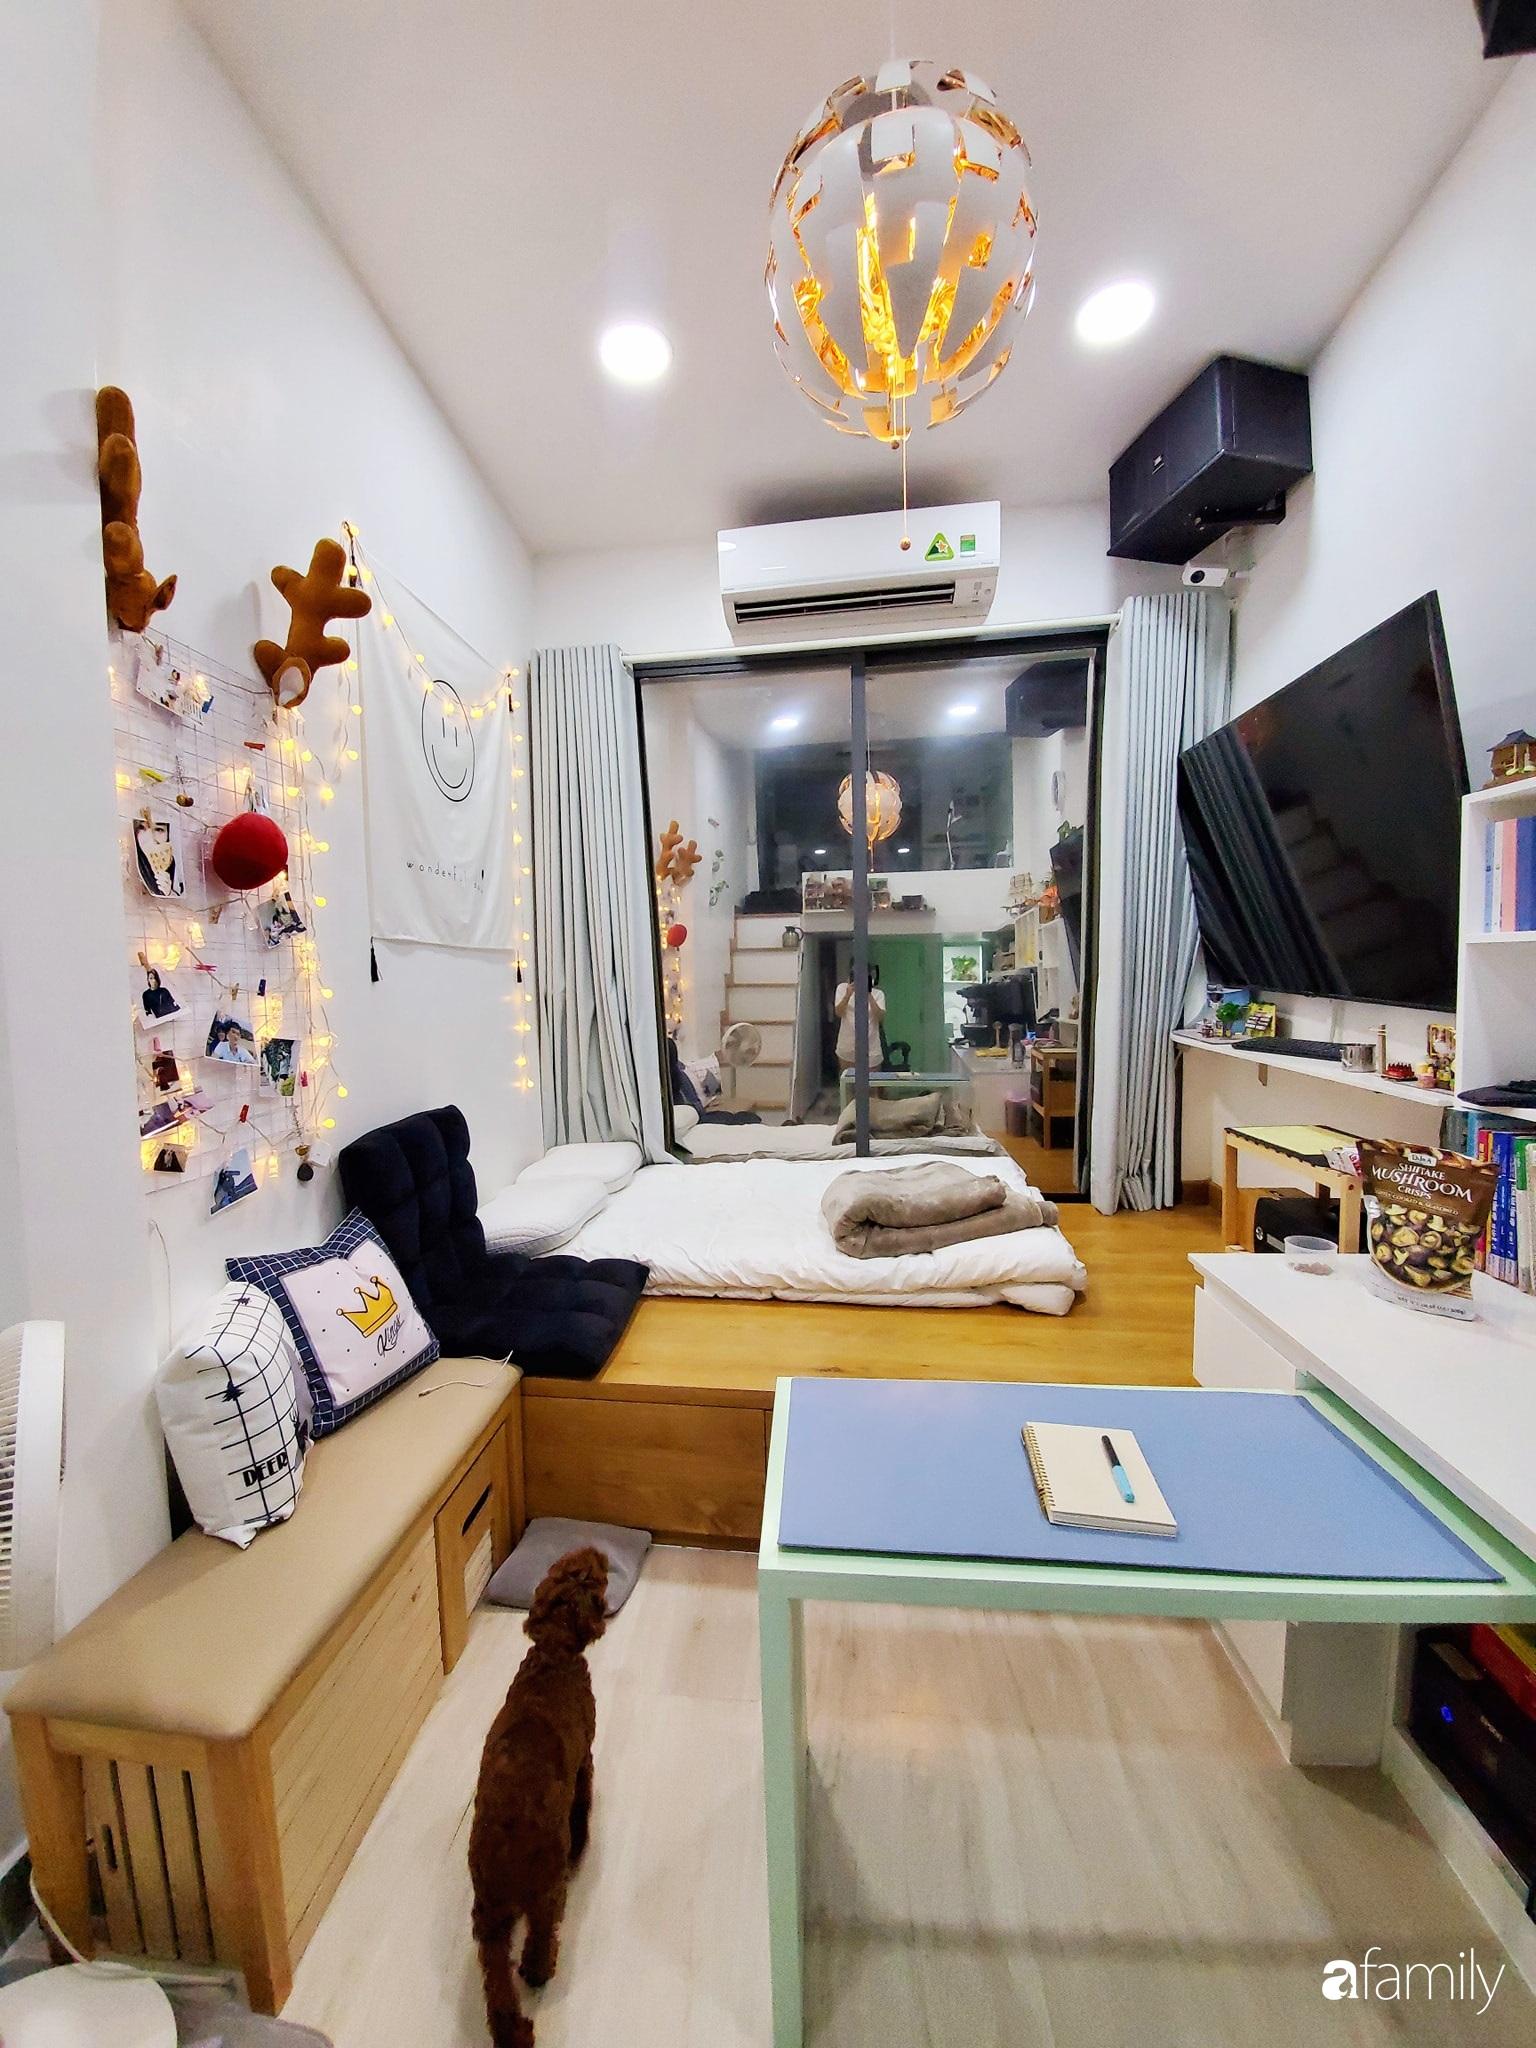 Cải tạo nhà phố 21m² trong ngõ nhỏ thành không gian xinh xắn, tiện nghi có chi phí hoàn thiện 700 triệu đồng ở Sài Gòn - Ảnh 23.